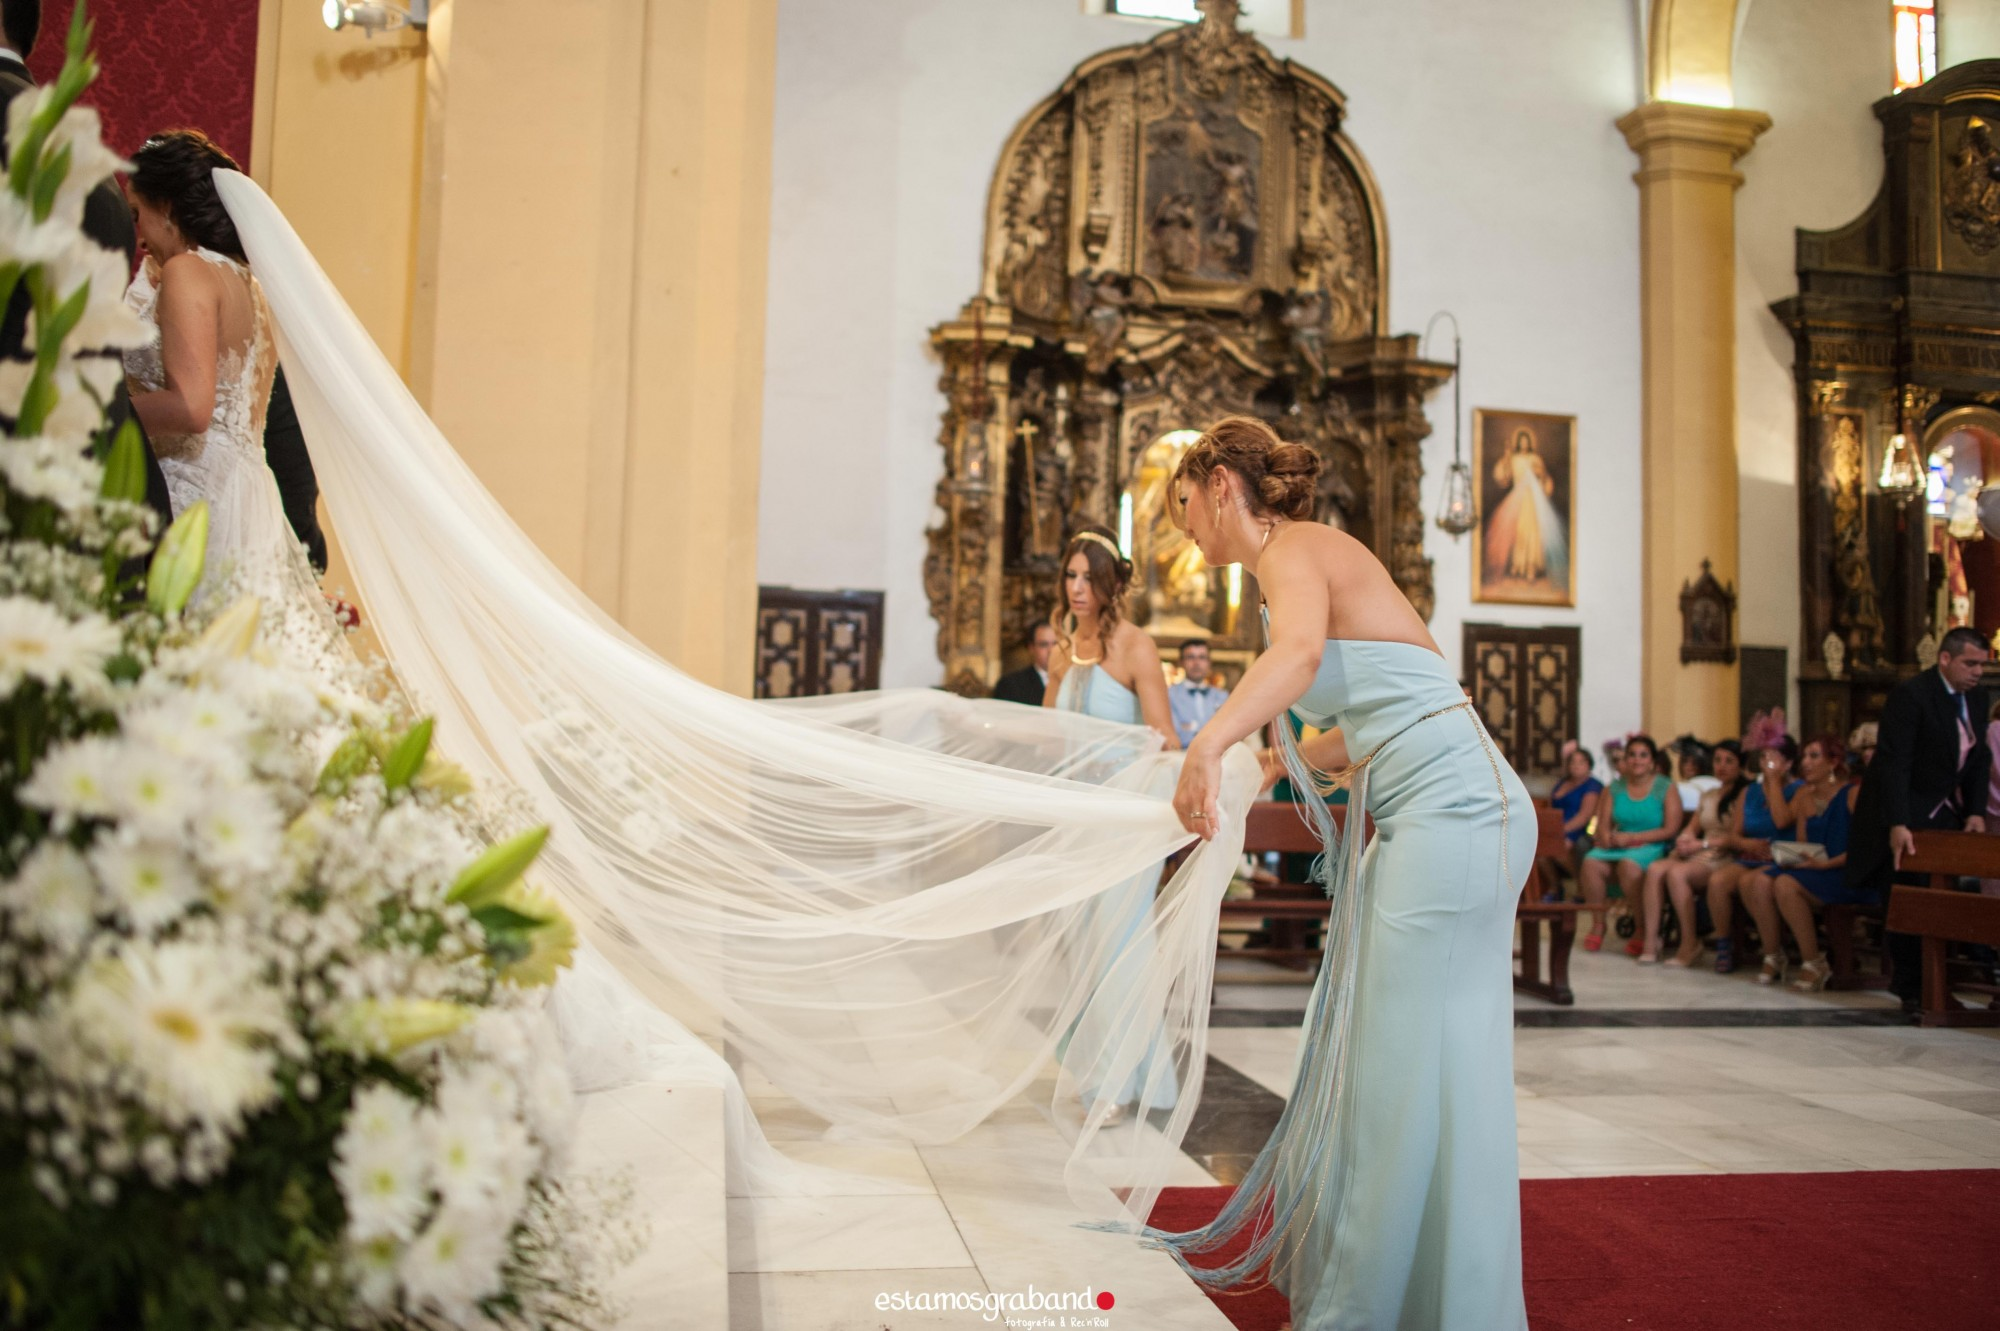 Sonia-y-Dani-196-de-517 Sonia & Dani - video boda cadiz